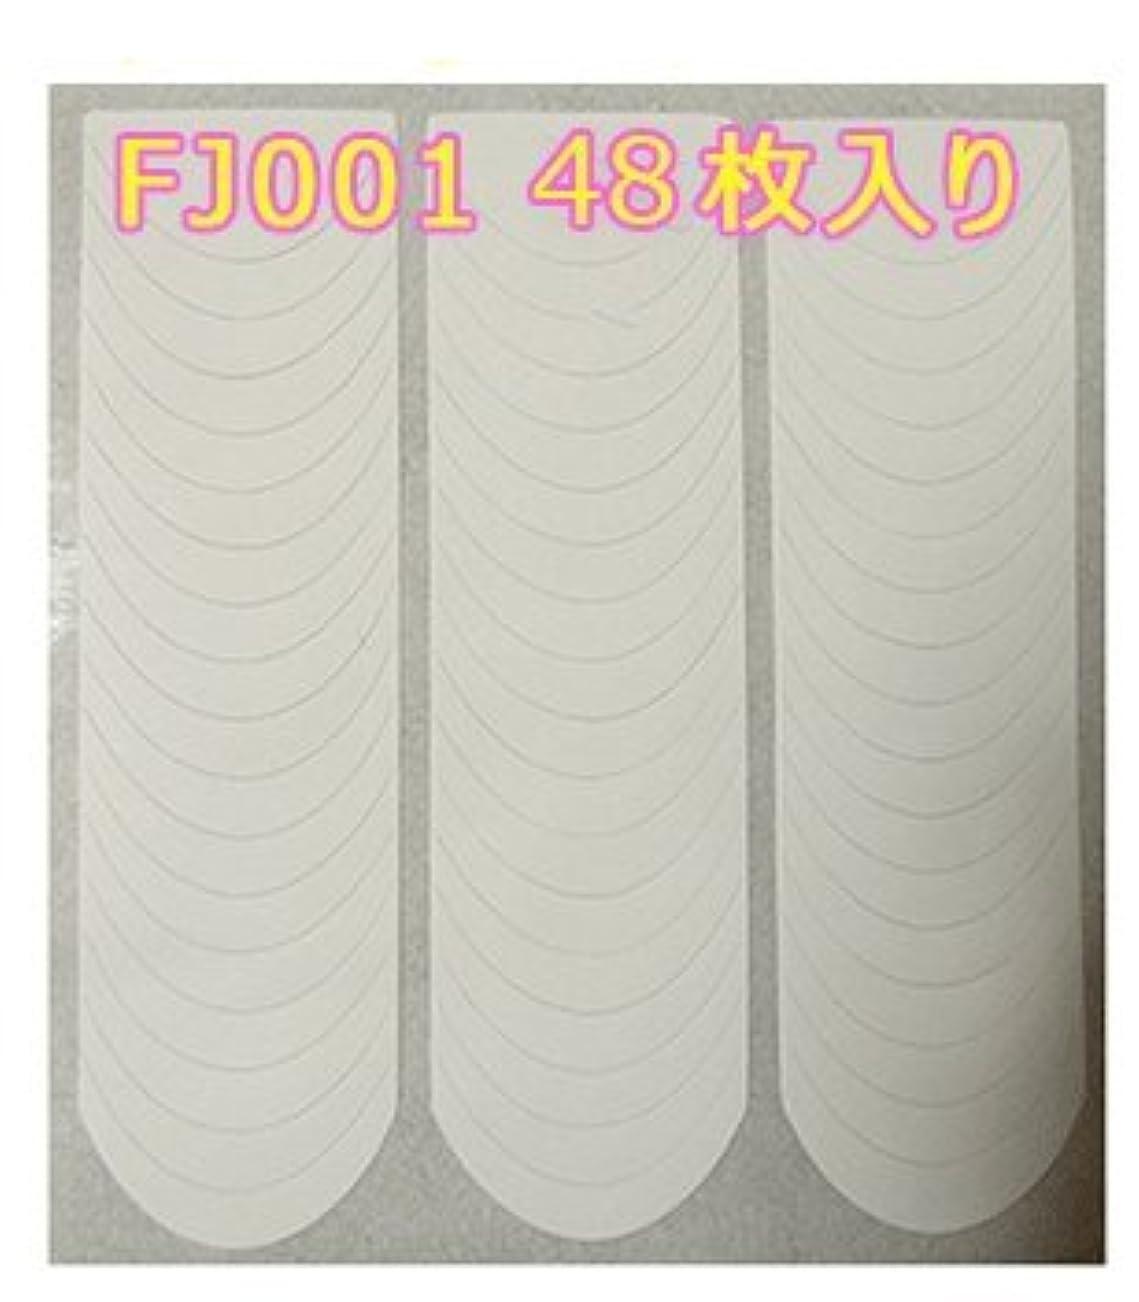 エトナ山困惑眼フレンチガイドテープ/フレンチネイルシール/☆選べる4タイプ! (FJ001*48枚入り)